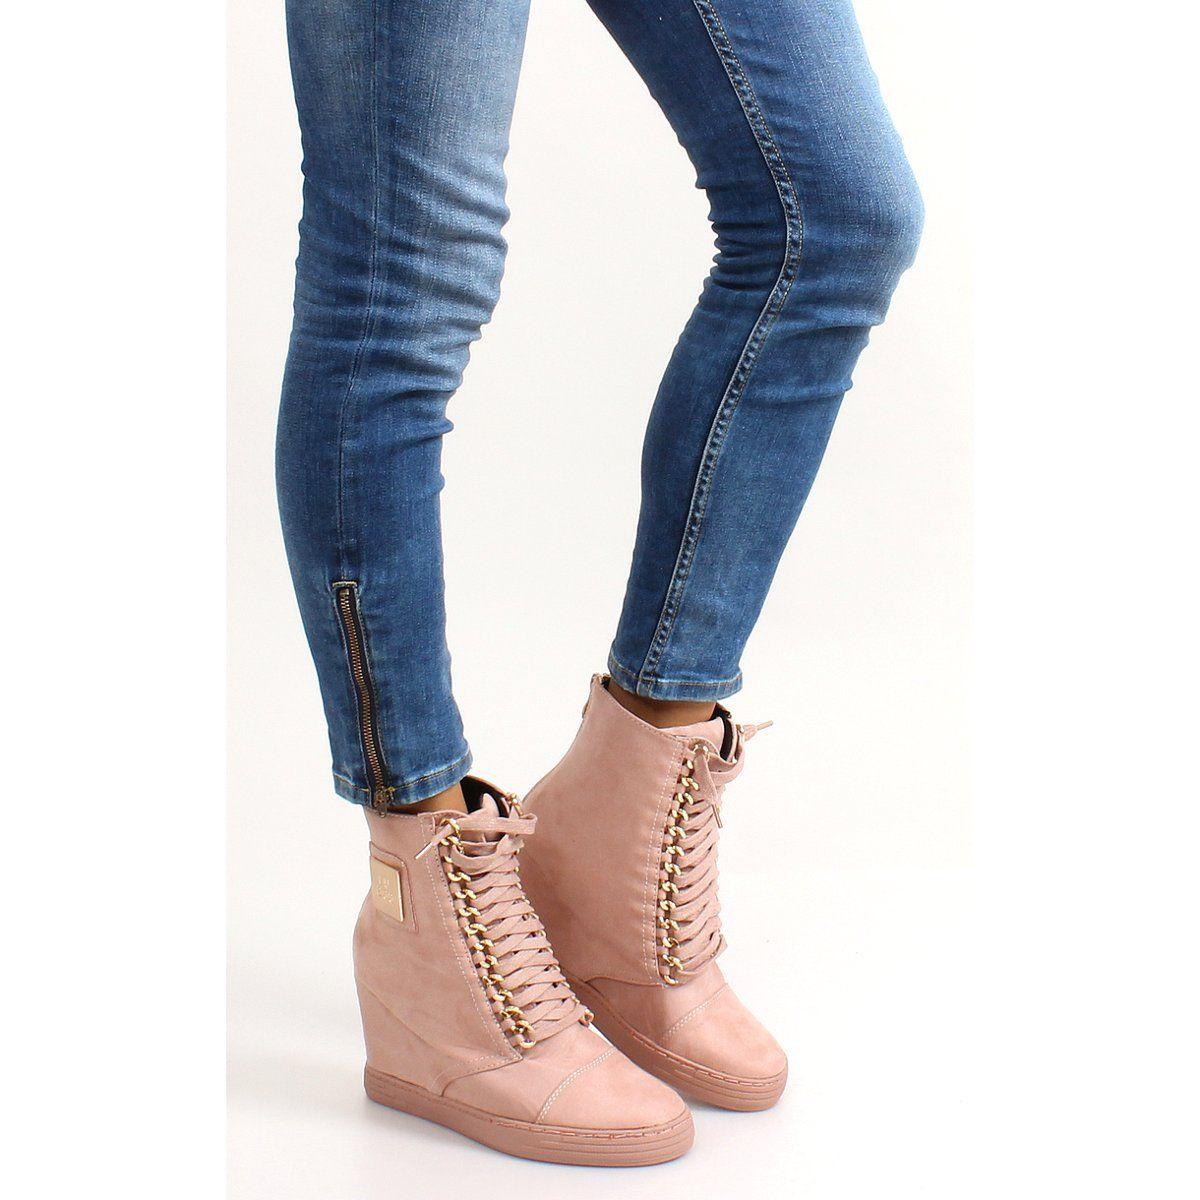 Sznurowane Sneakersy Z Blaszka B 2 Pink Rozowe Boots Timberland Boots Shoes